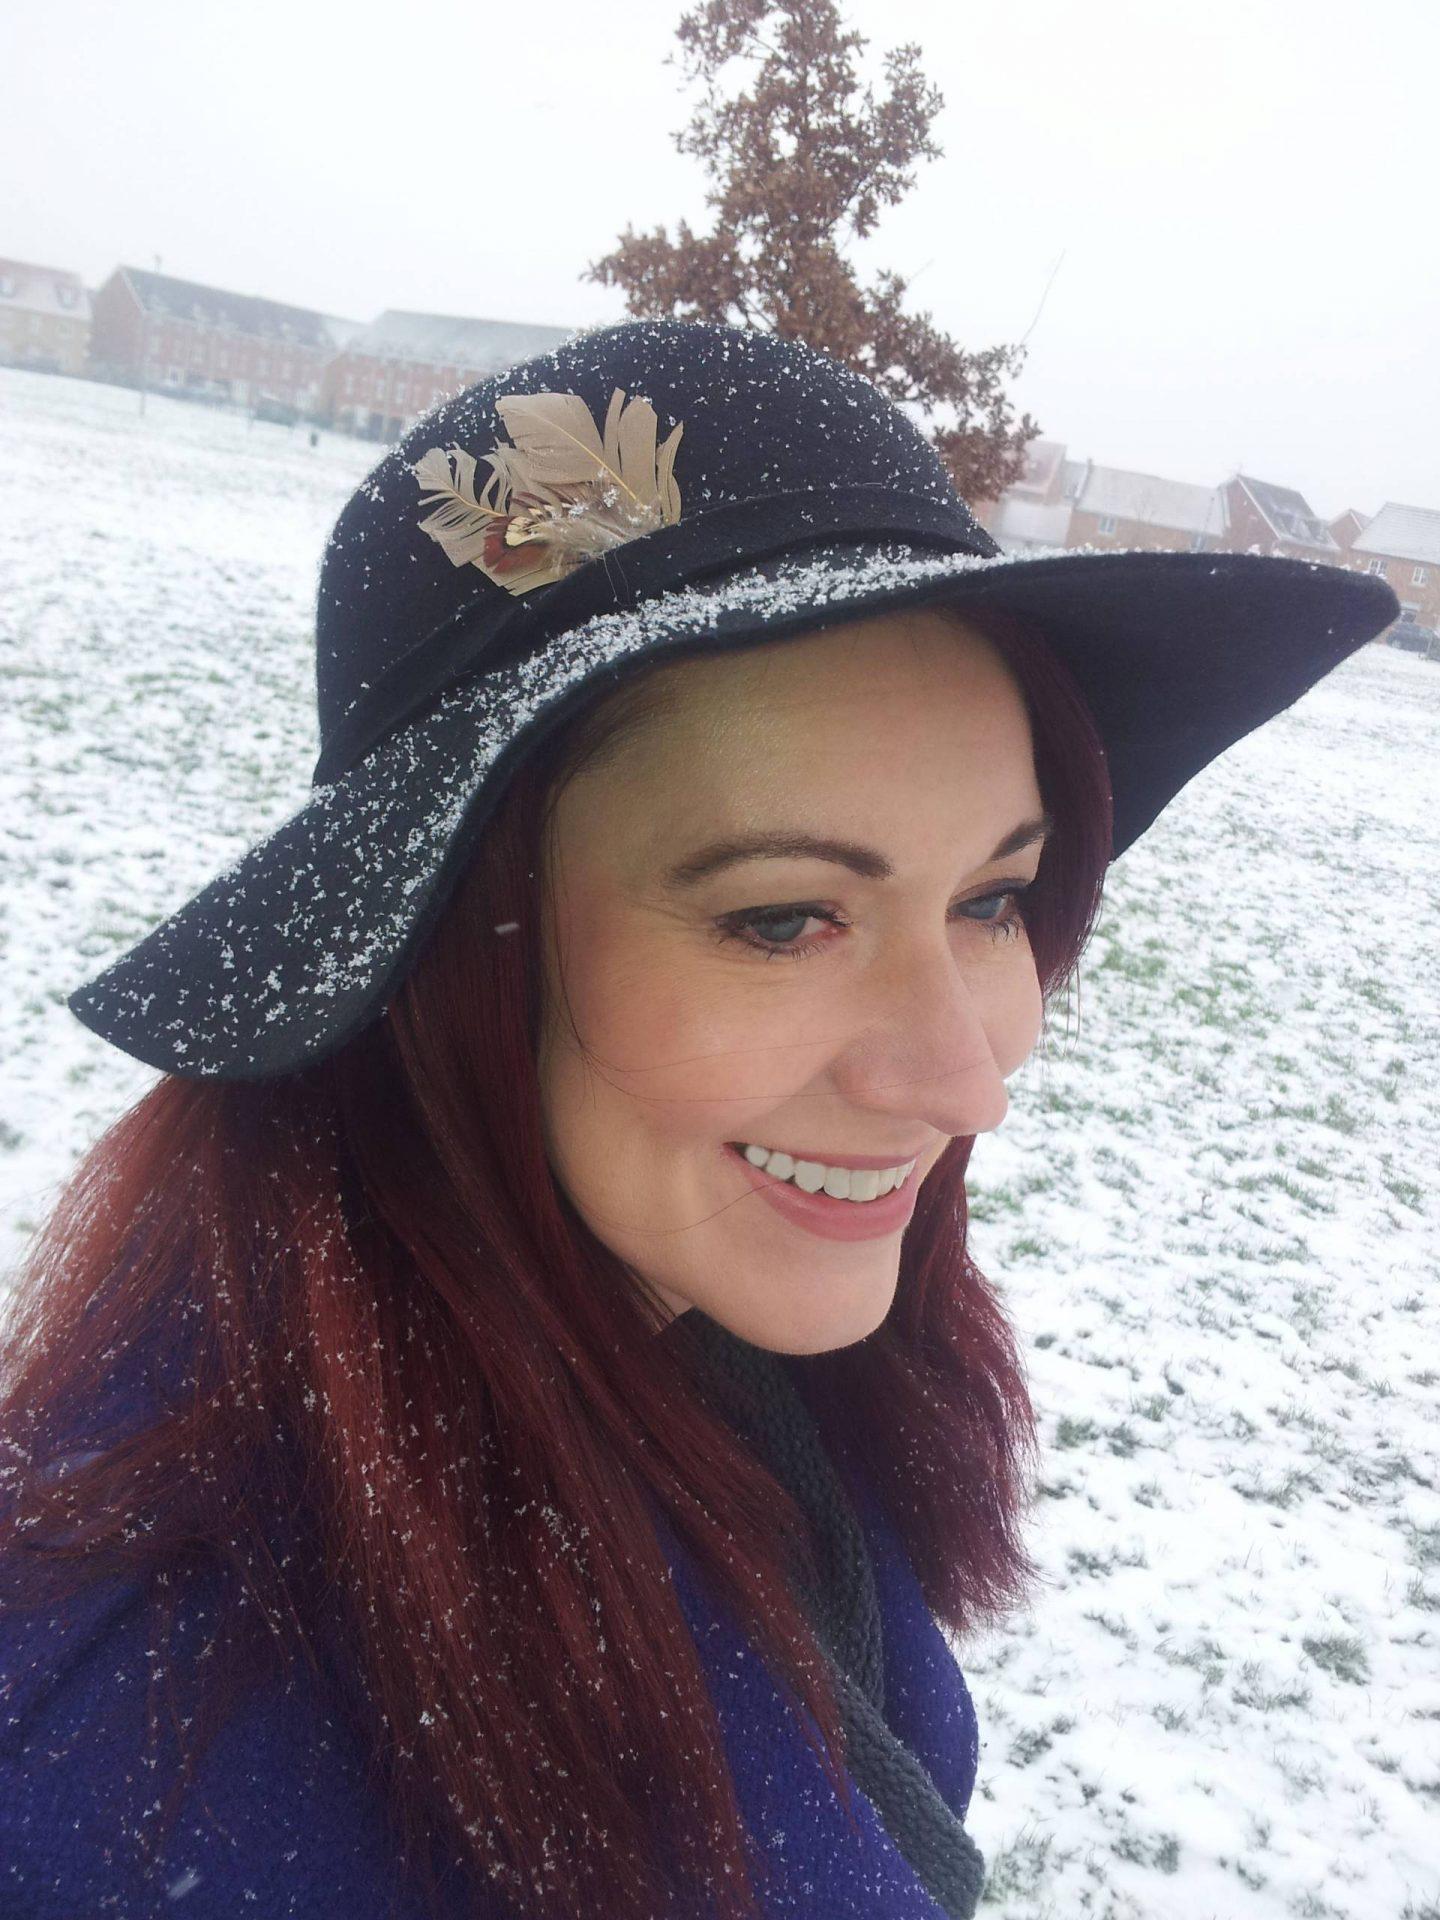 Winter Wonderland: Purple Coat and Wide Brim Hat